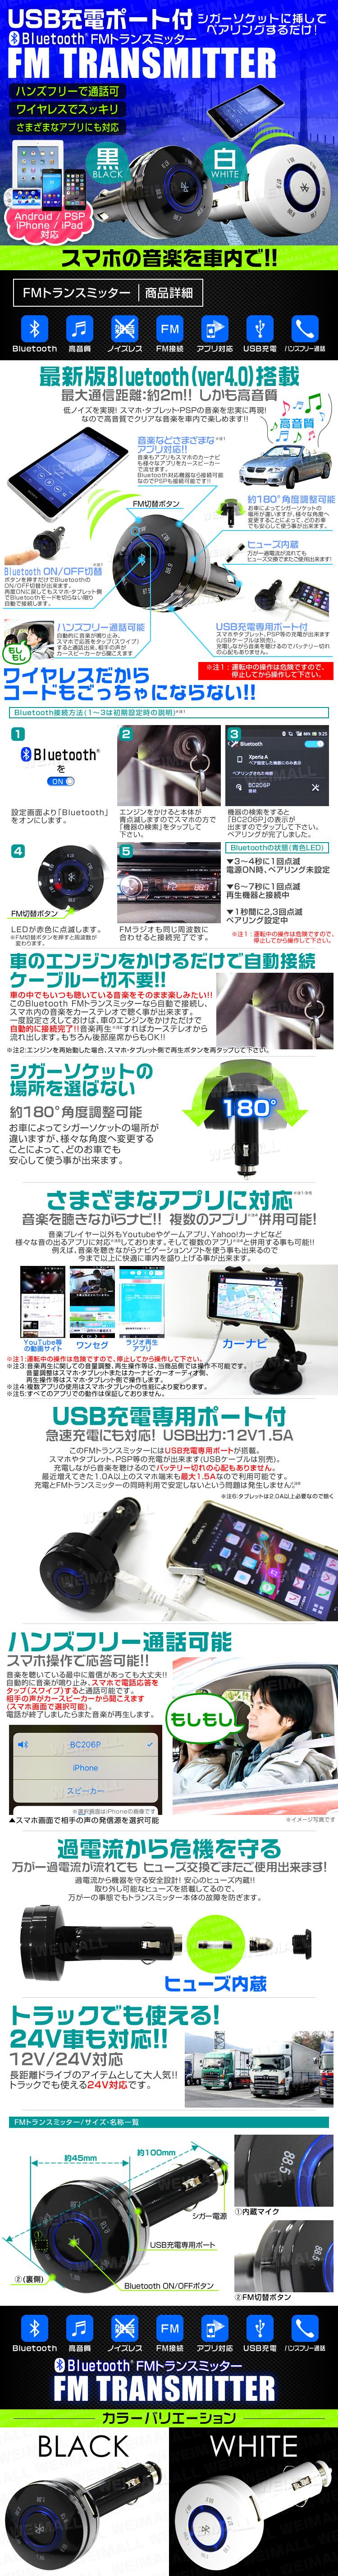 FMトランスミッター Bluetooth ワイヤレス ハンズフリー通話 無線 ブルートゥース 車載 車内 音楽再生 各種スマホに対応 iPhone iPad Android PSP など シガーソケットから充電 ハンズフリー通話